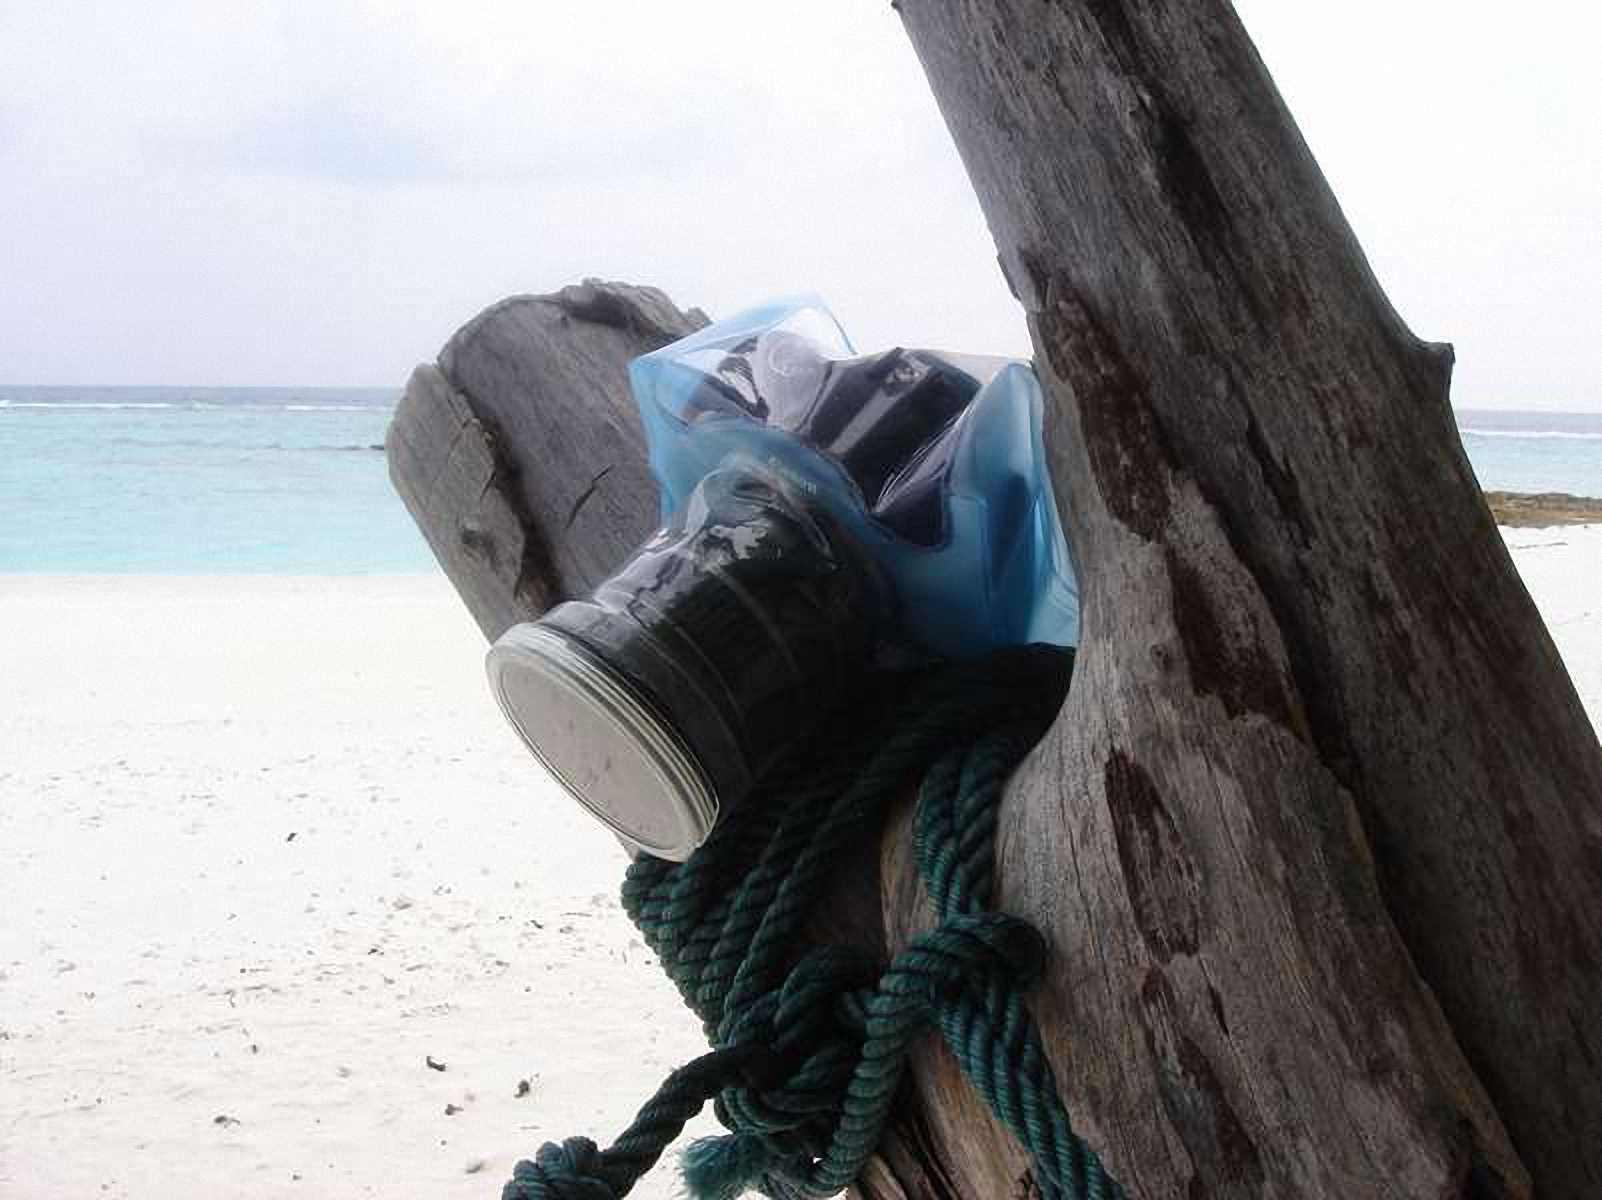 Водонепроницаемый чехол для фотоаппарата - Aquapac 458. Aquapac - №1 в мире водонепроницаемых чехлов и сумок. Фото 5